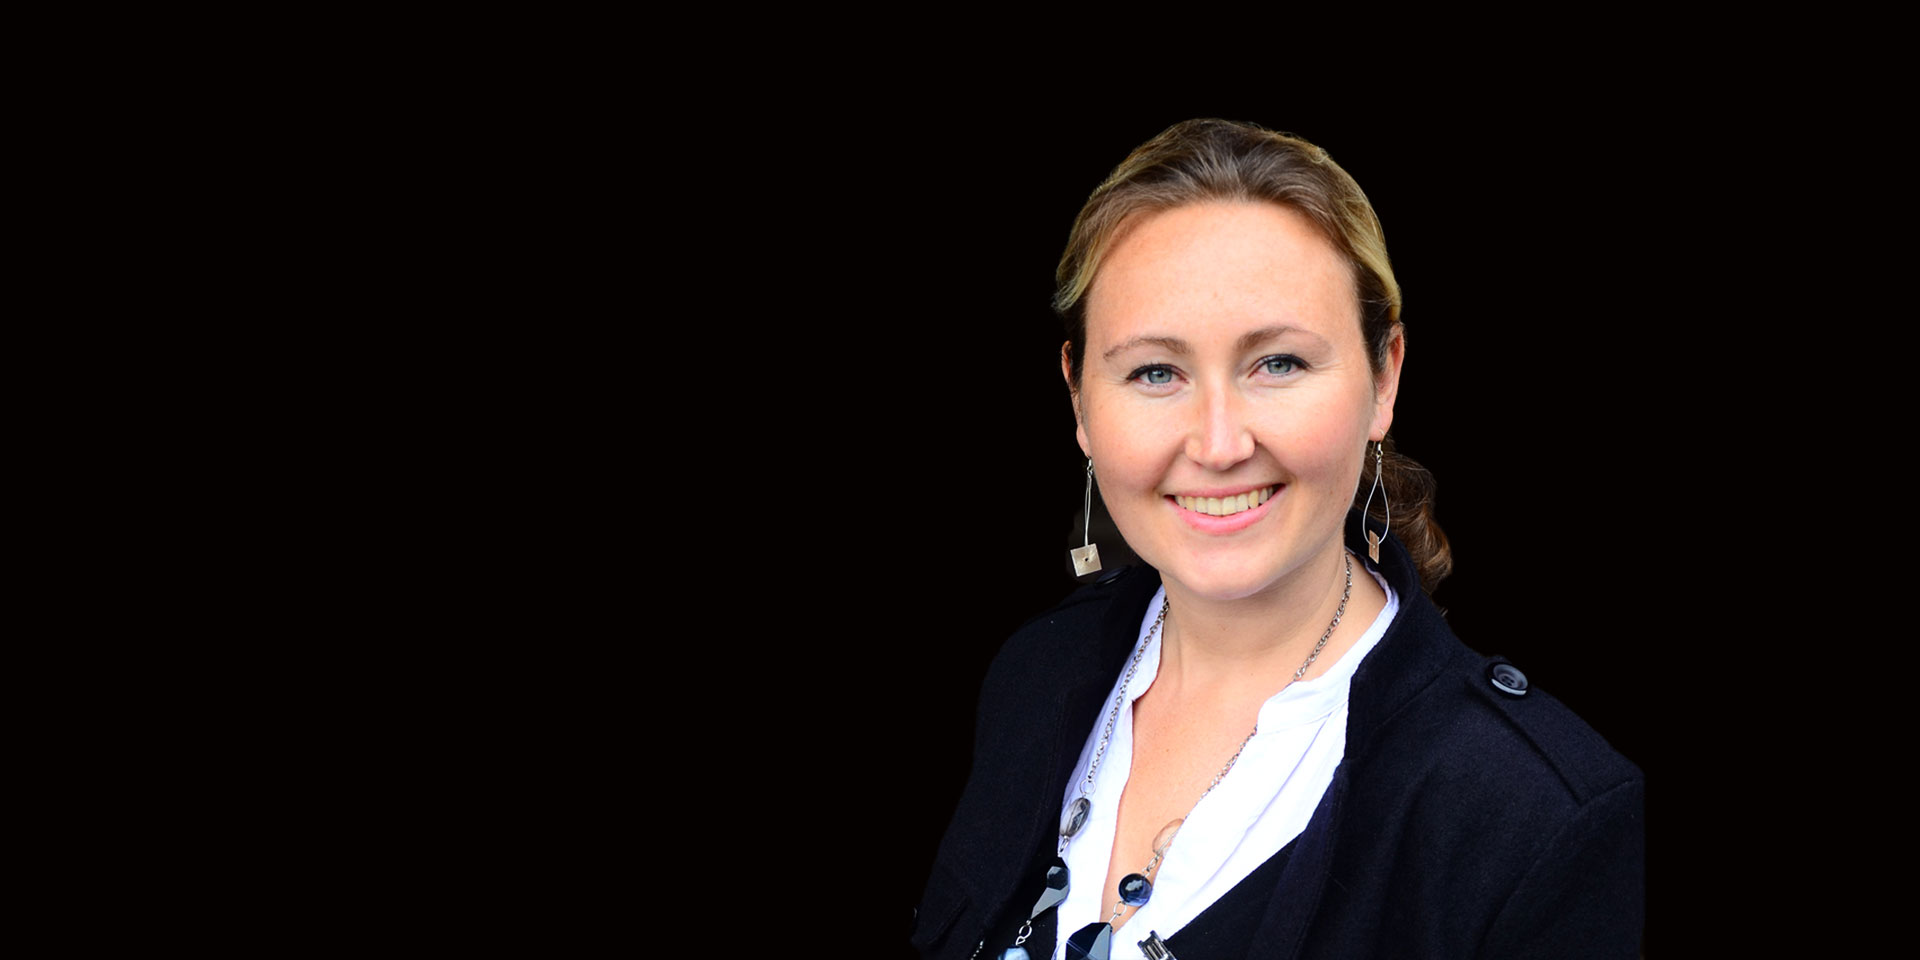 Rechtsanwalt Ivonne Peupelmann